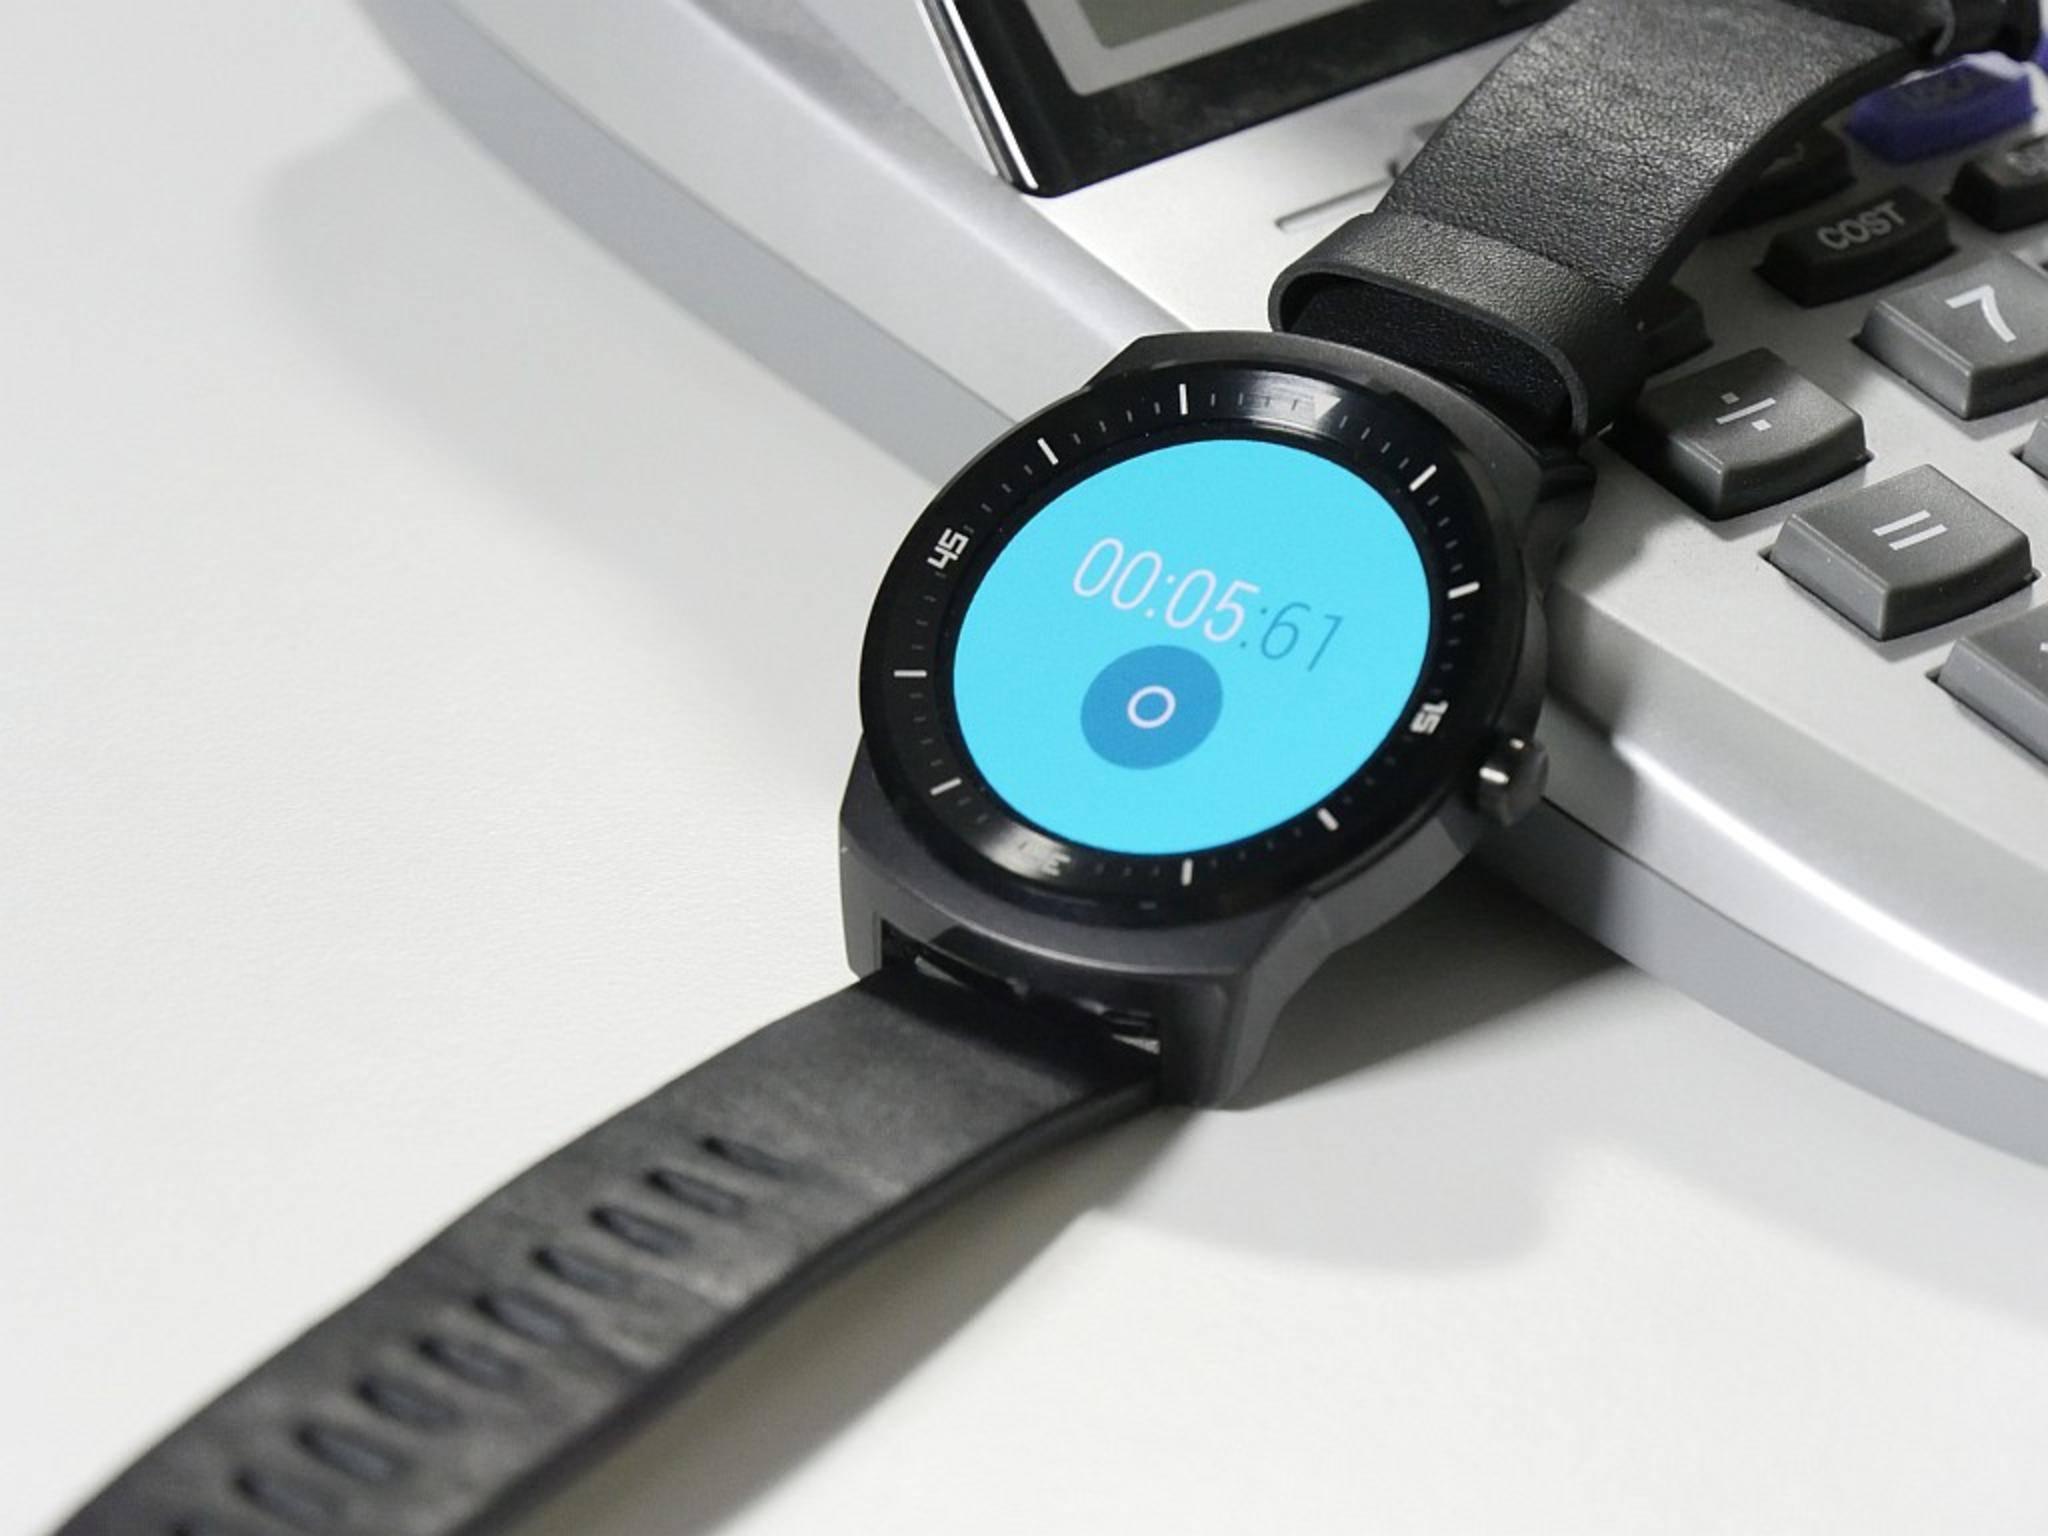 Mit in die Smartwatch integriert: eine Stoppuhr- und eine Timer-Funktion.